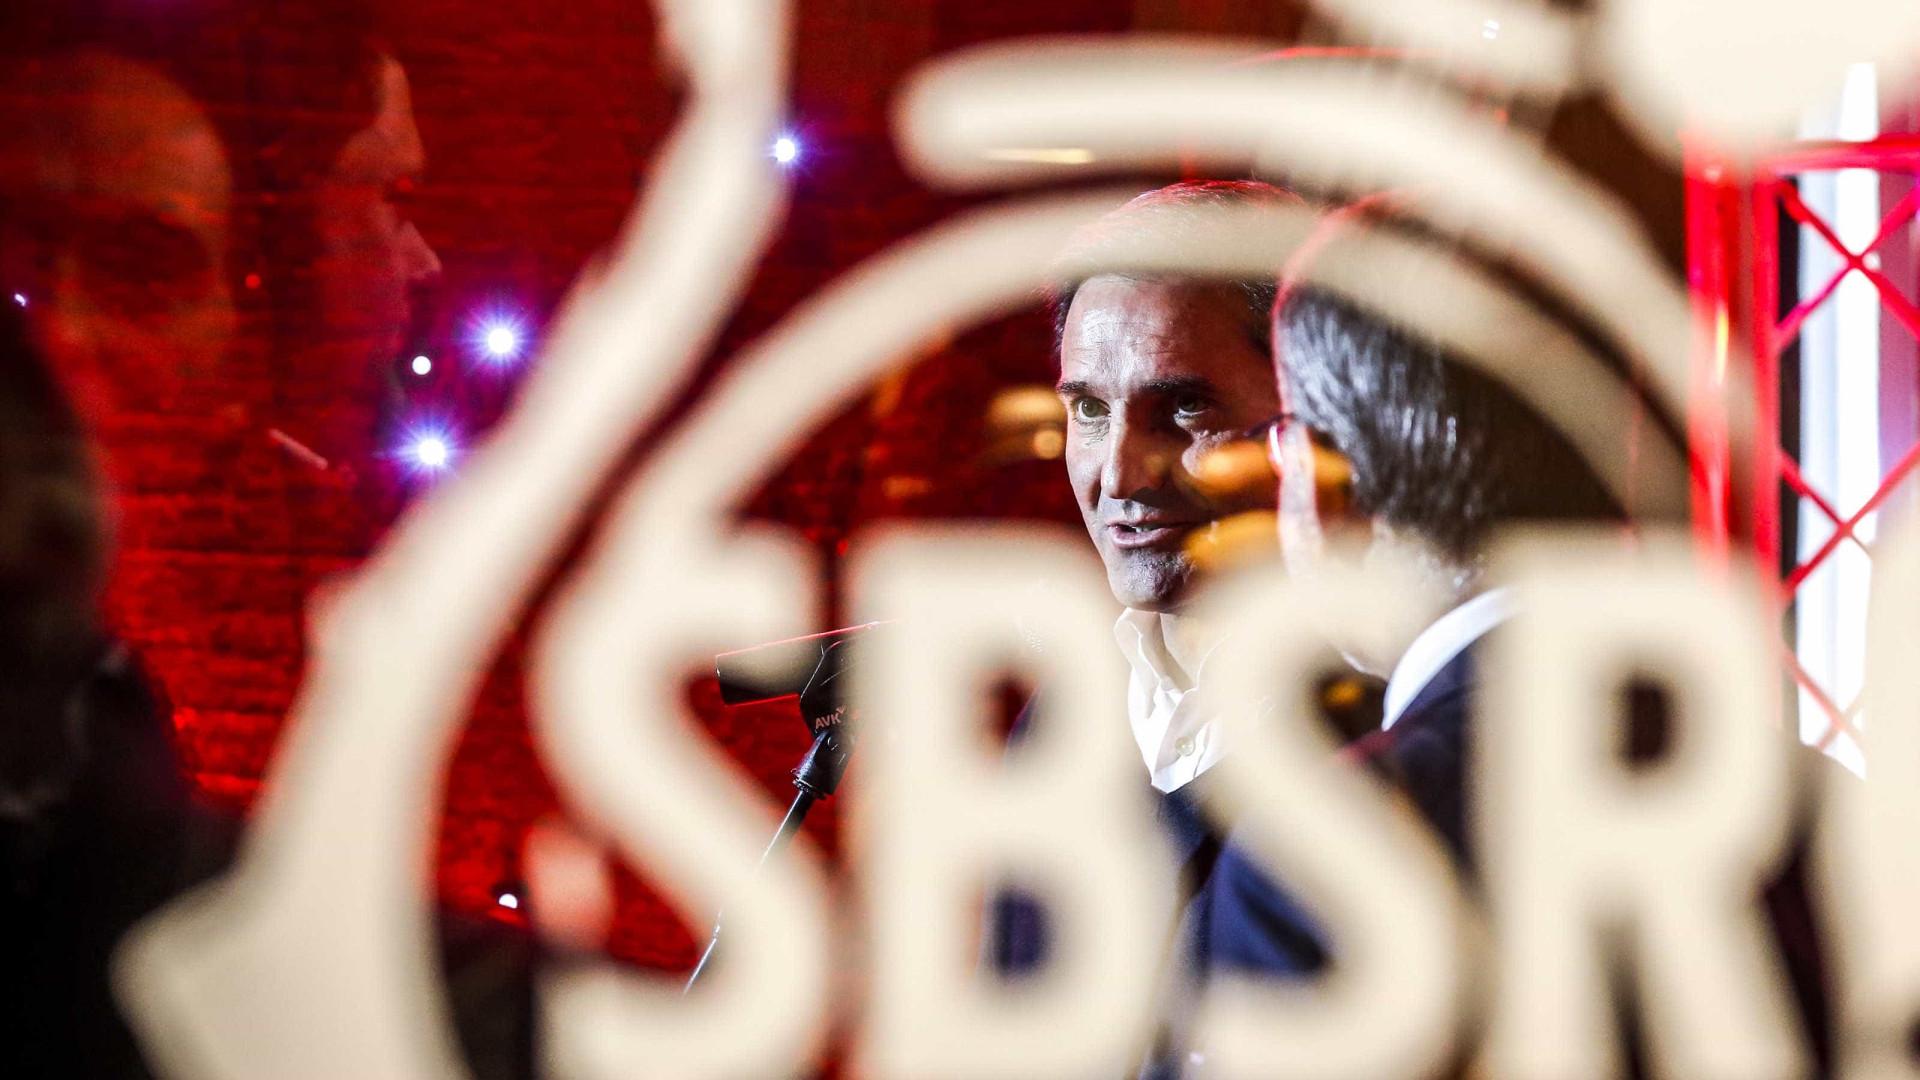 SBSR, um festival camaleónico que este ano vai homenagear Zé Pedro